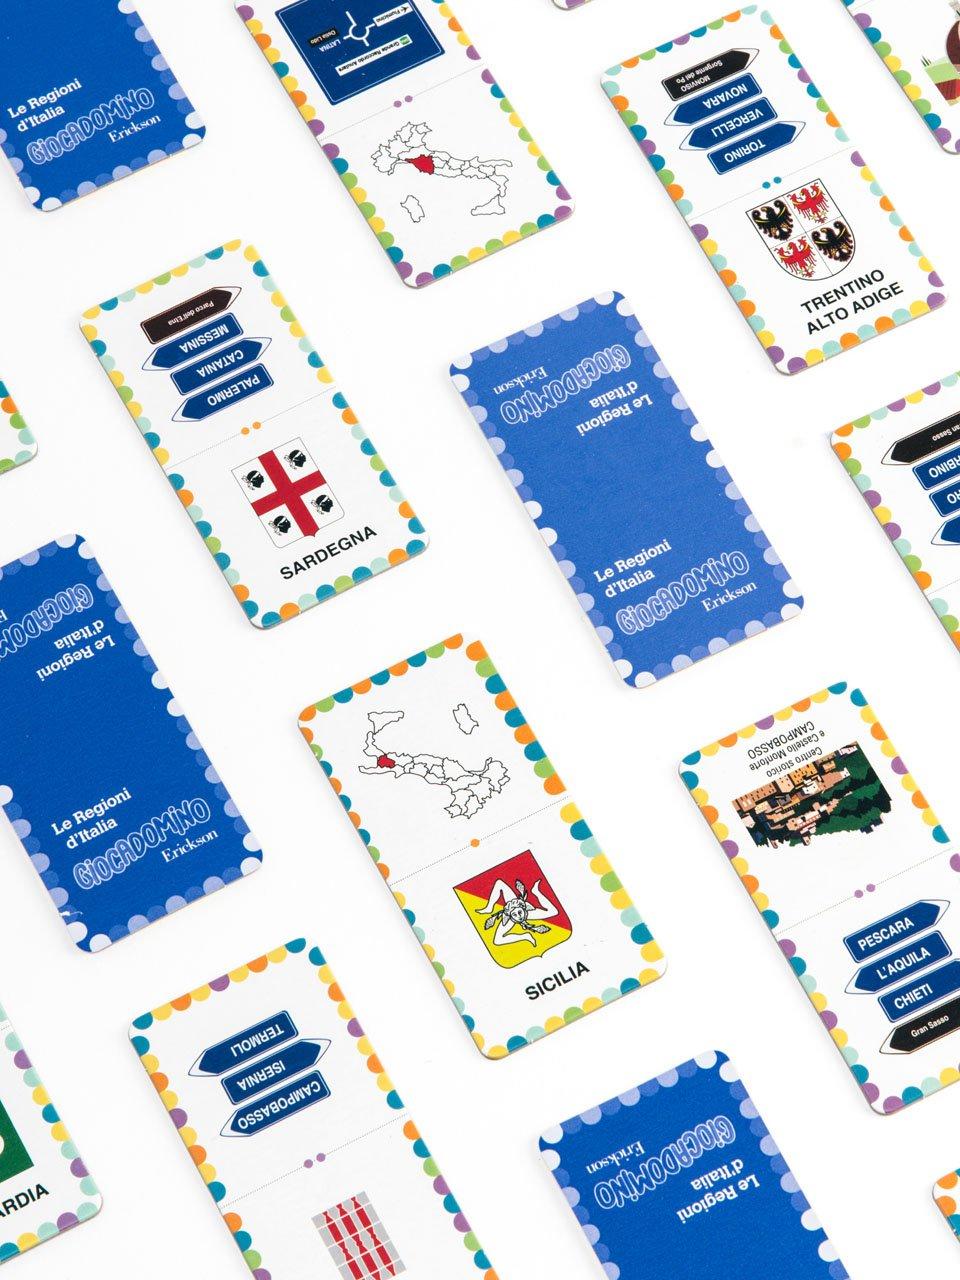 Giocadomino - Le regioni d'Italia - Giochi - Erickson 3